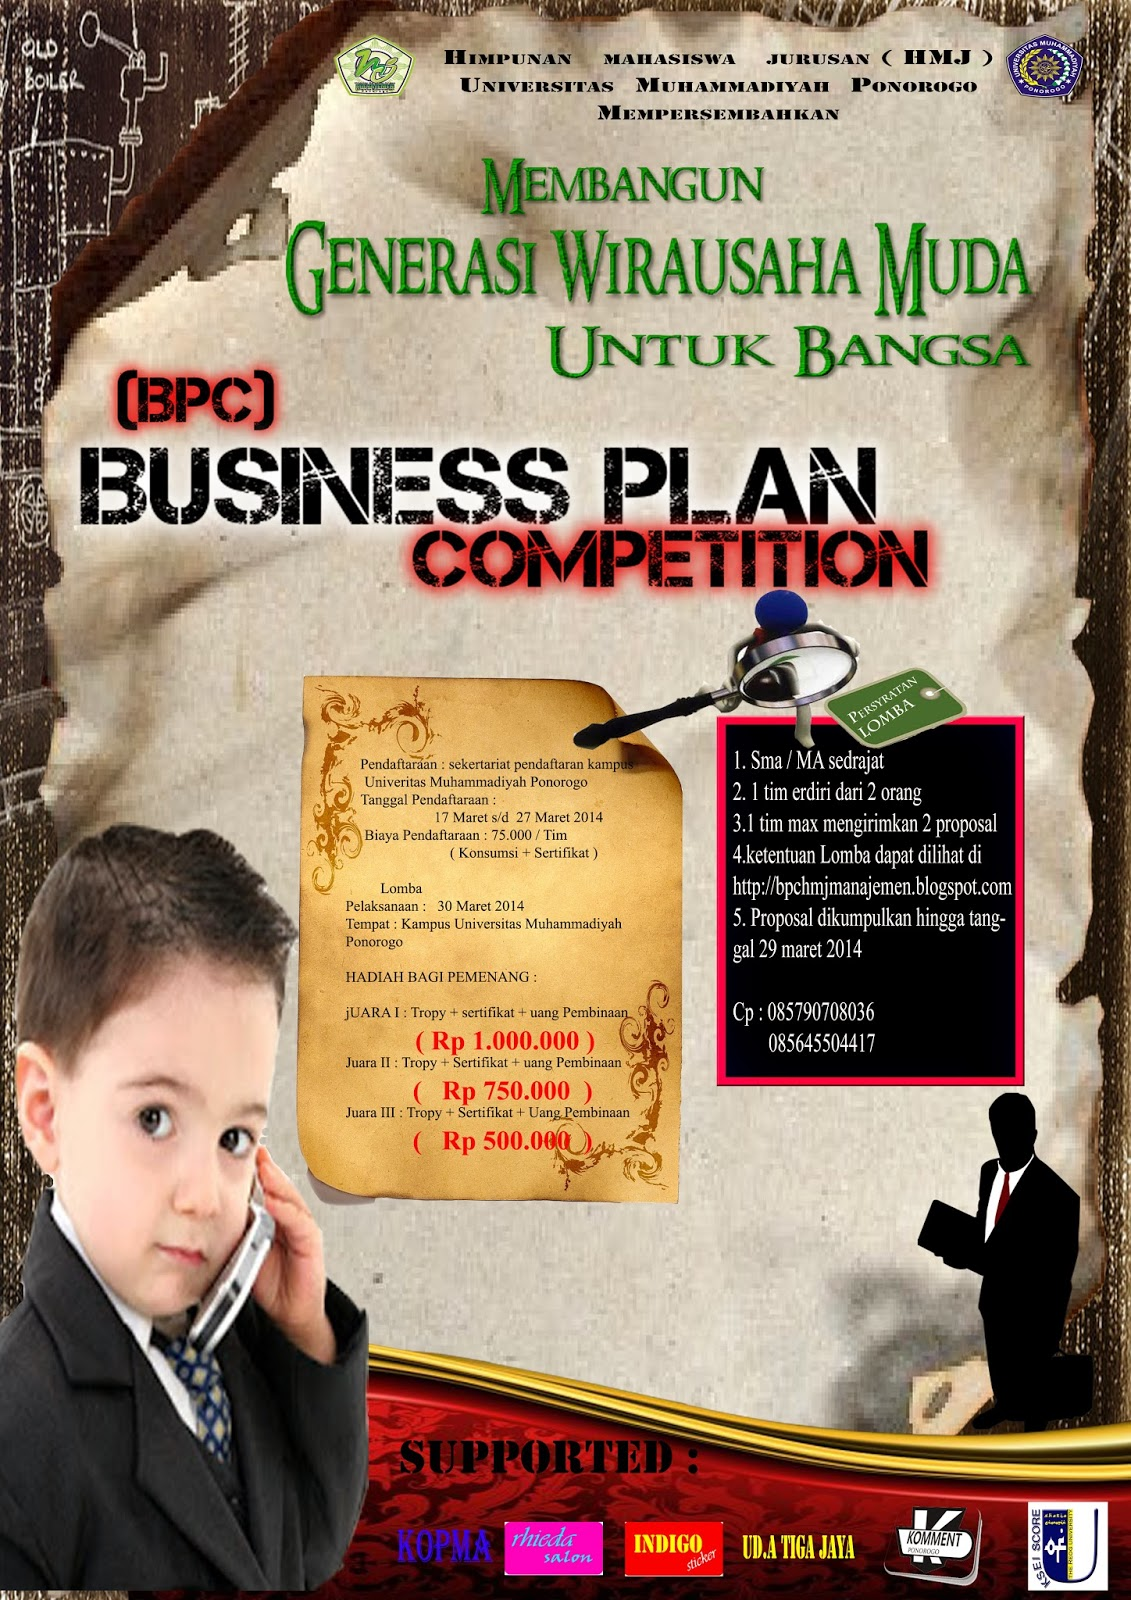 Contoh Proposal Pemenang Lomba Bisnis Plan - Gambaran